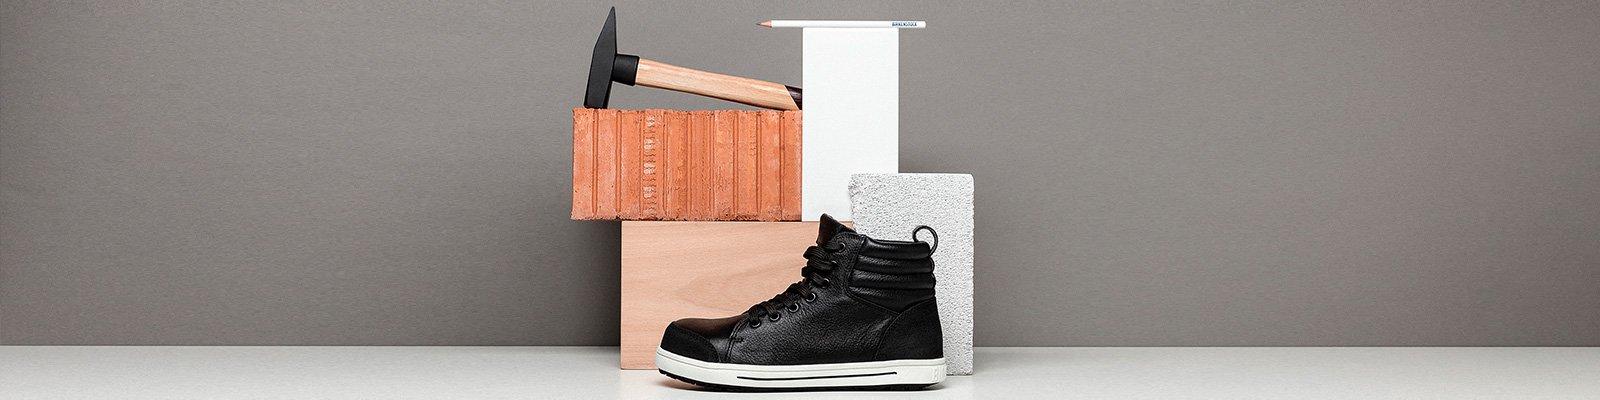 корица на професионални работни обувки BirkenStock със строително оборудване